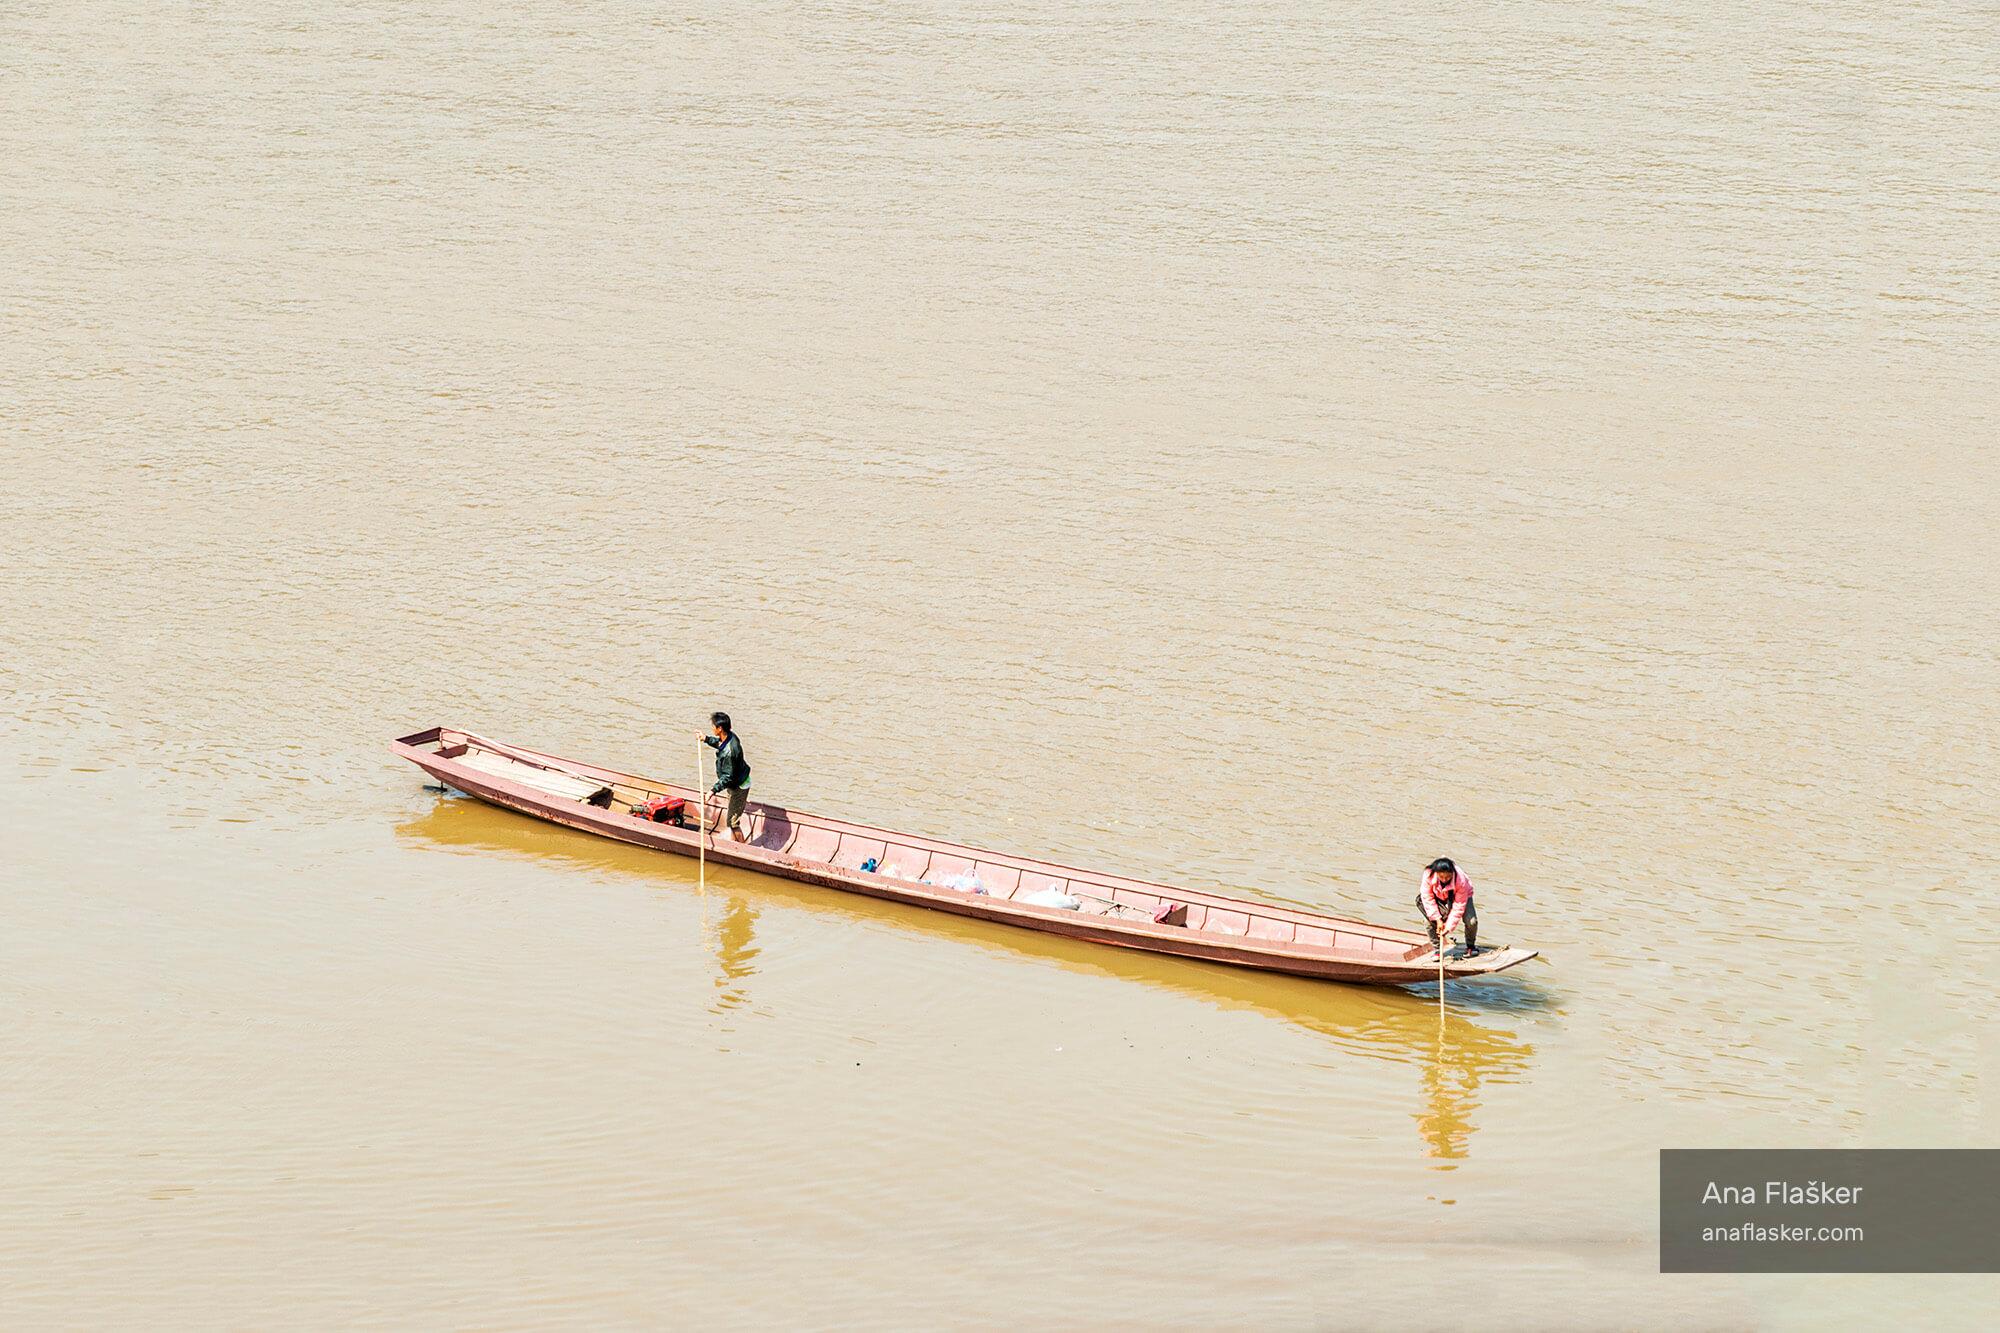 On Mekon River, Laos